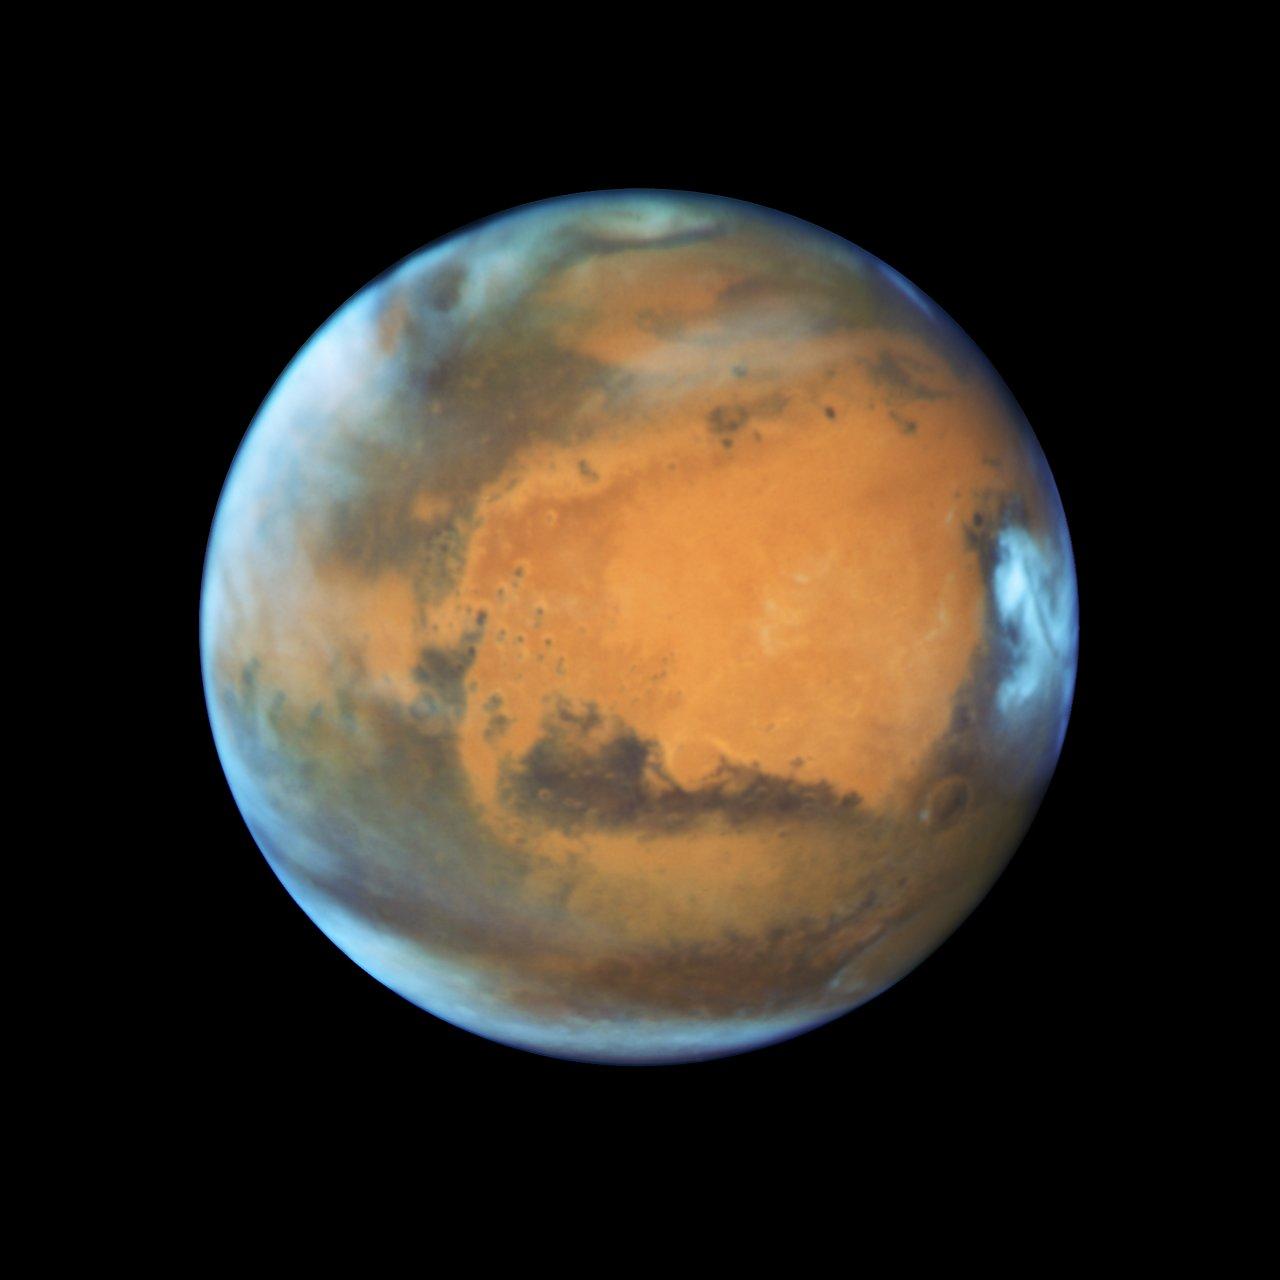 Mars in opposition 2016